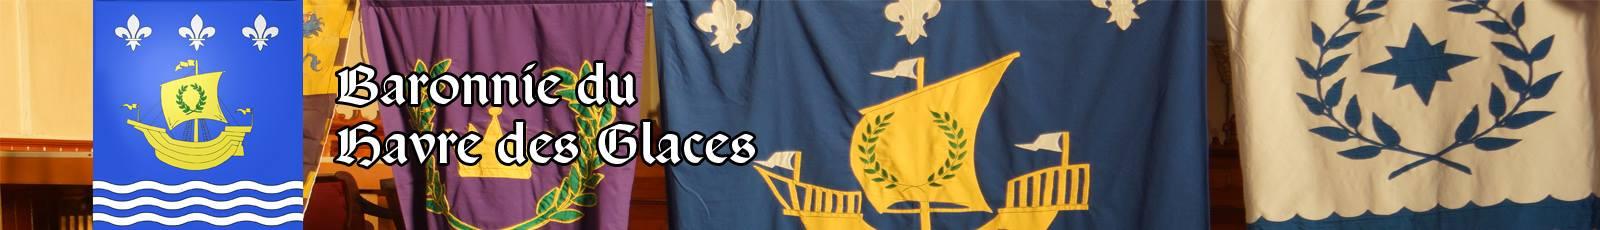 Baronnie du Havre des Glaces